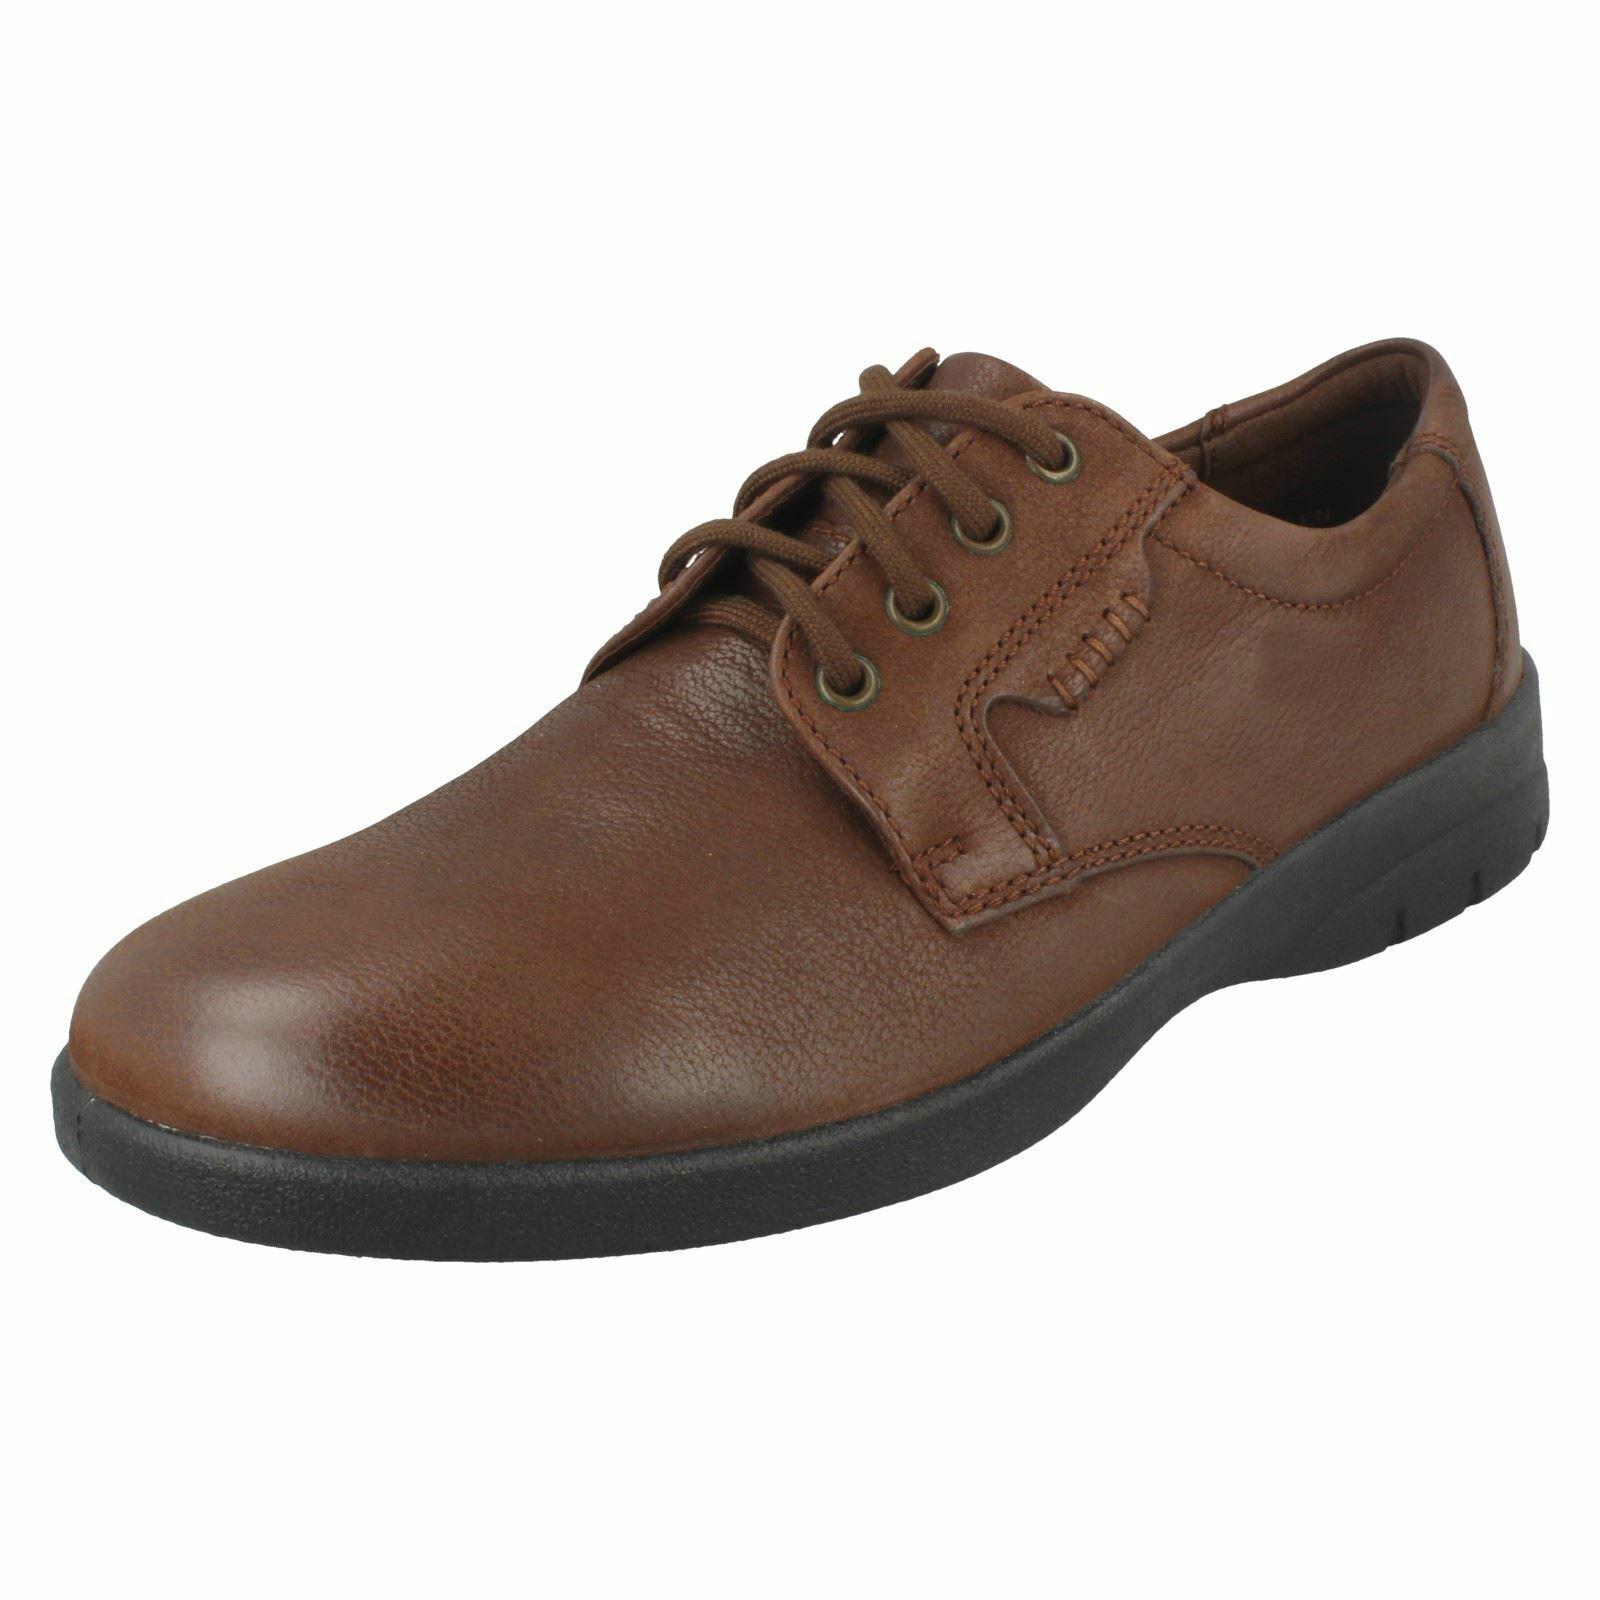 3f03d6ee404 Mens Padders Lace Up shoes Glen nrmdvj5554-Men's Formal Shoes ...